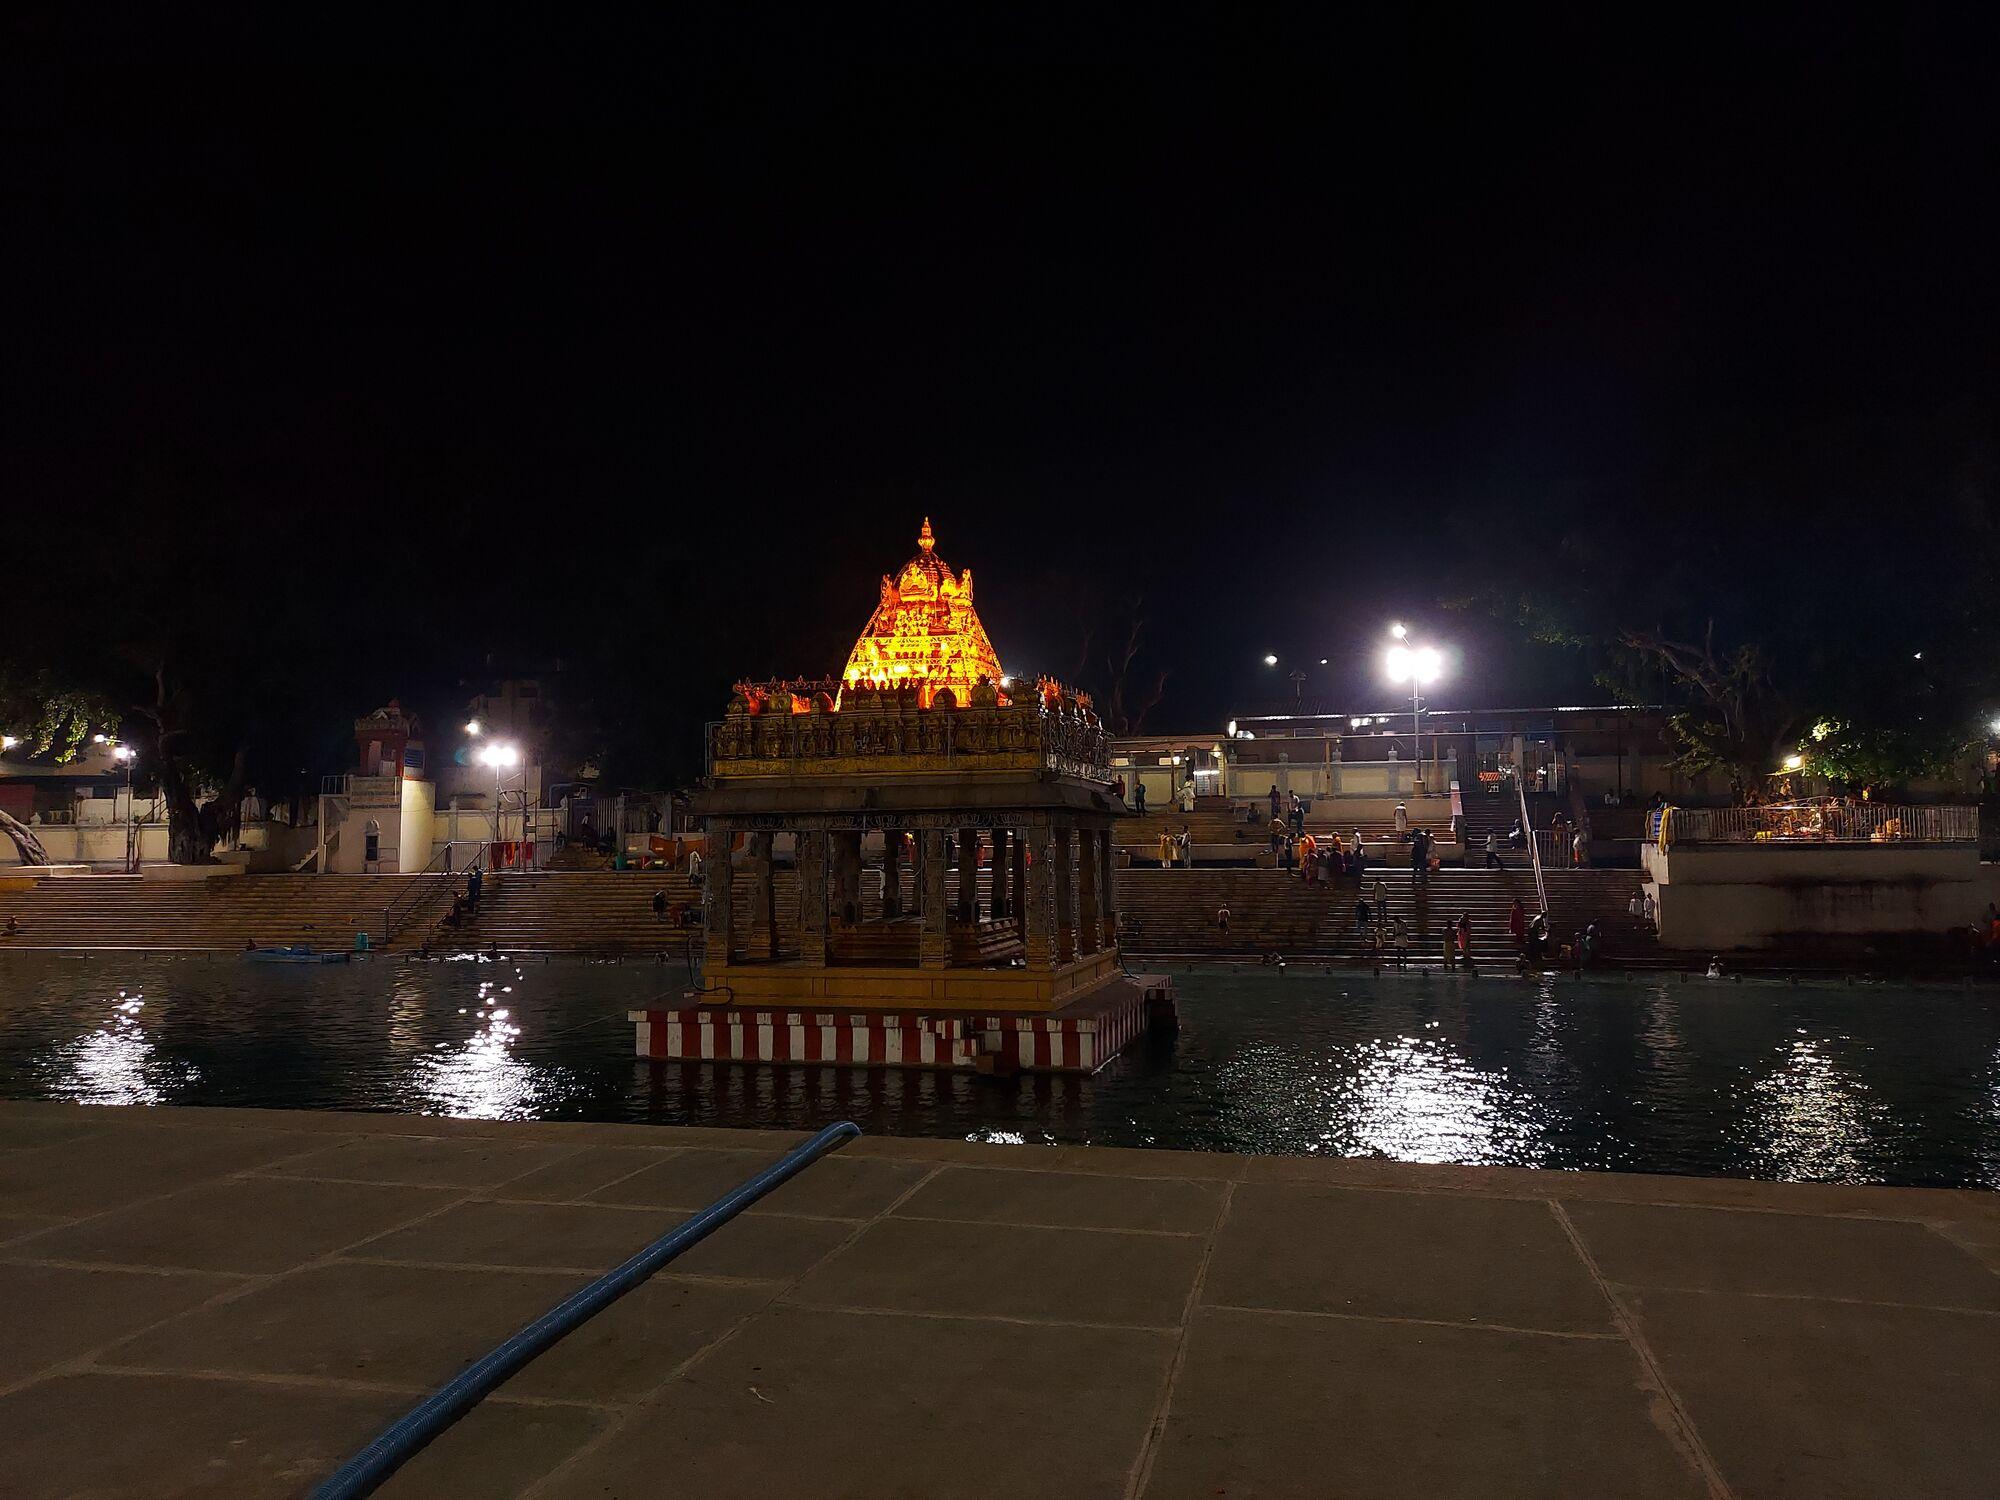 Tirumala Tirupati Swami Pushkarini